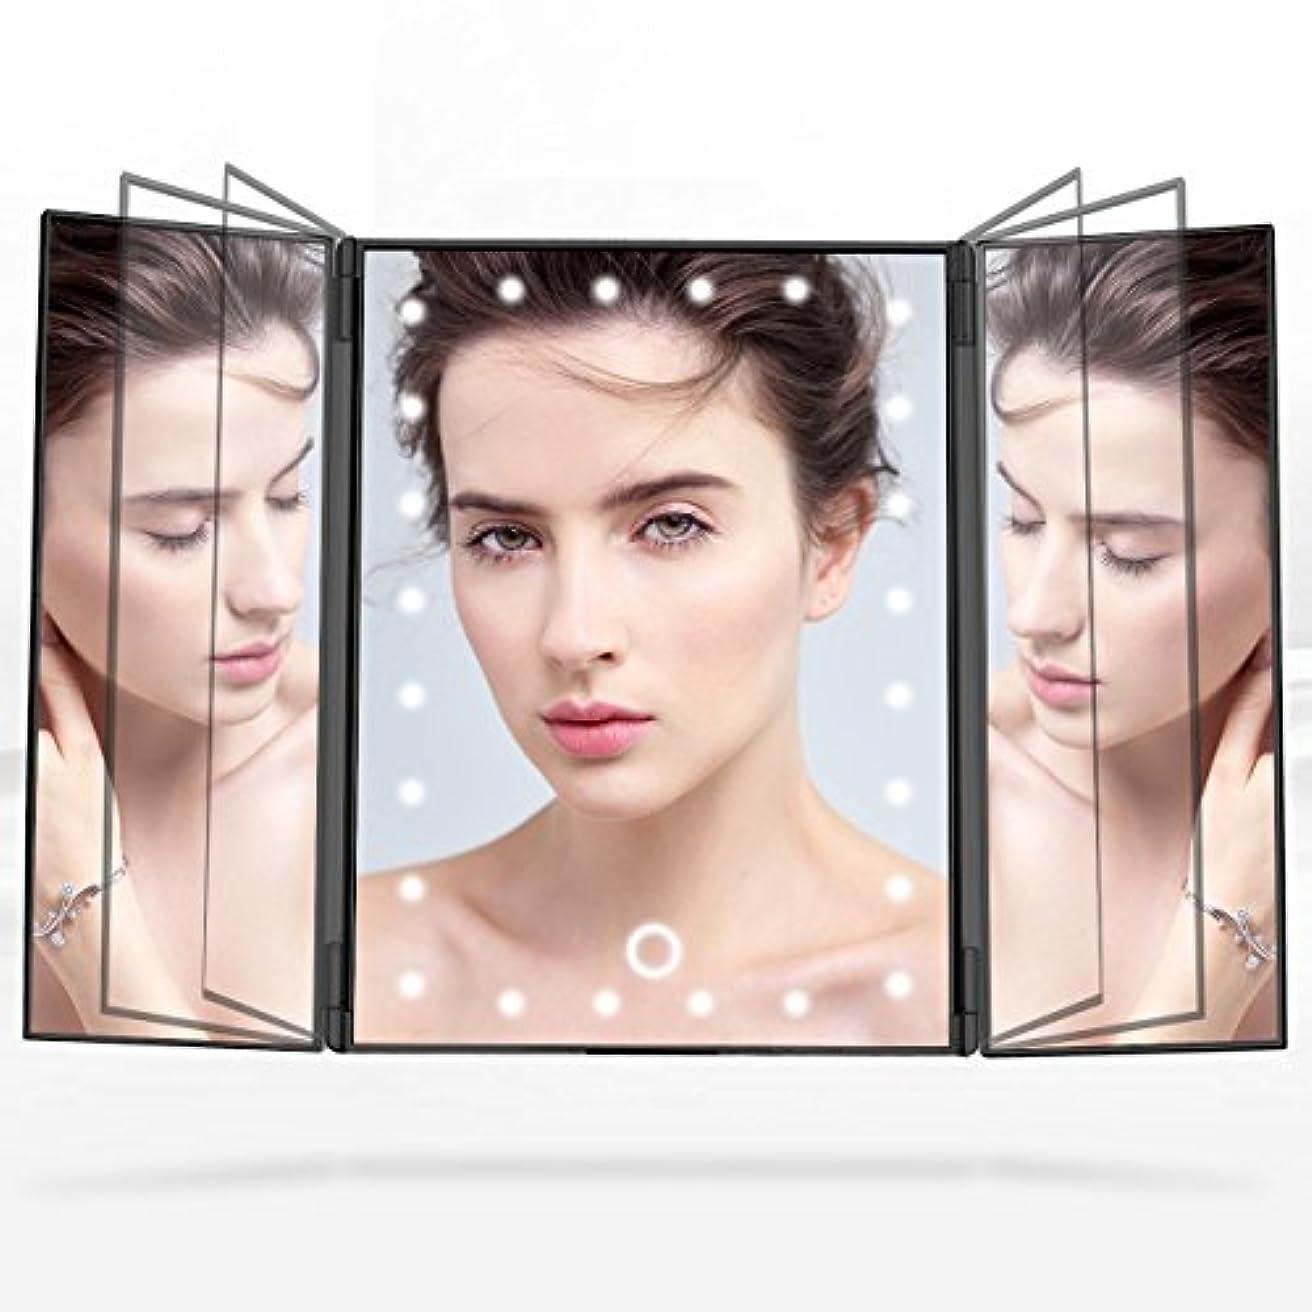 助けて単位皮肉Telustyle 化粧鏡 卓上ミラー三面鏡 LED付き折りたたみ式 明るさ調整可能 ブラック